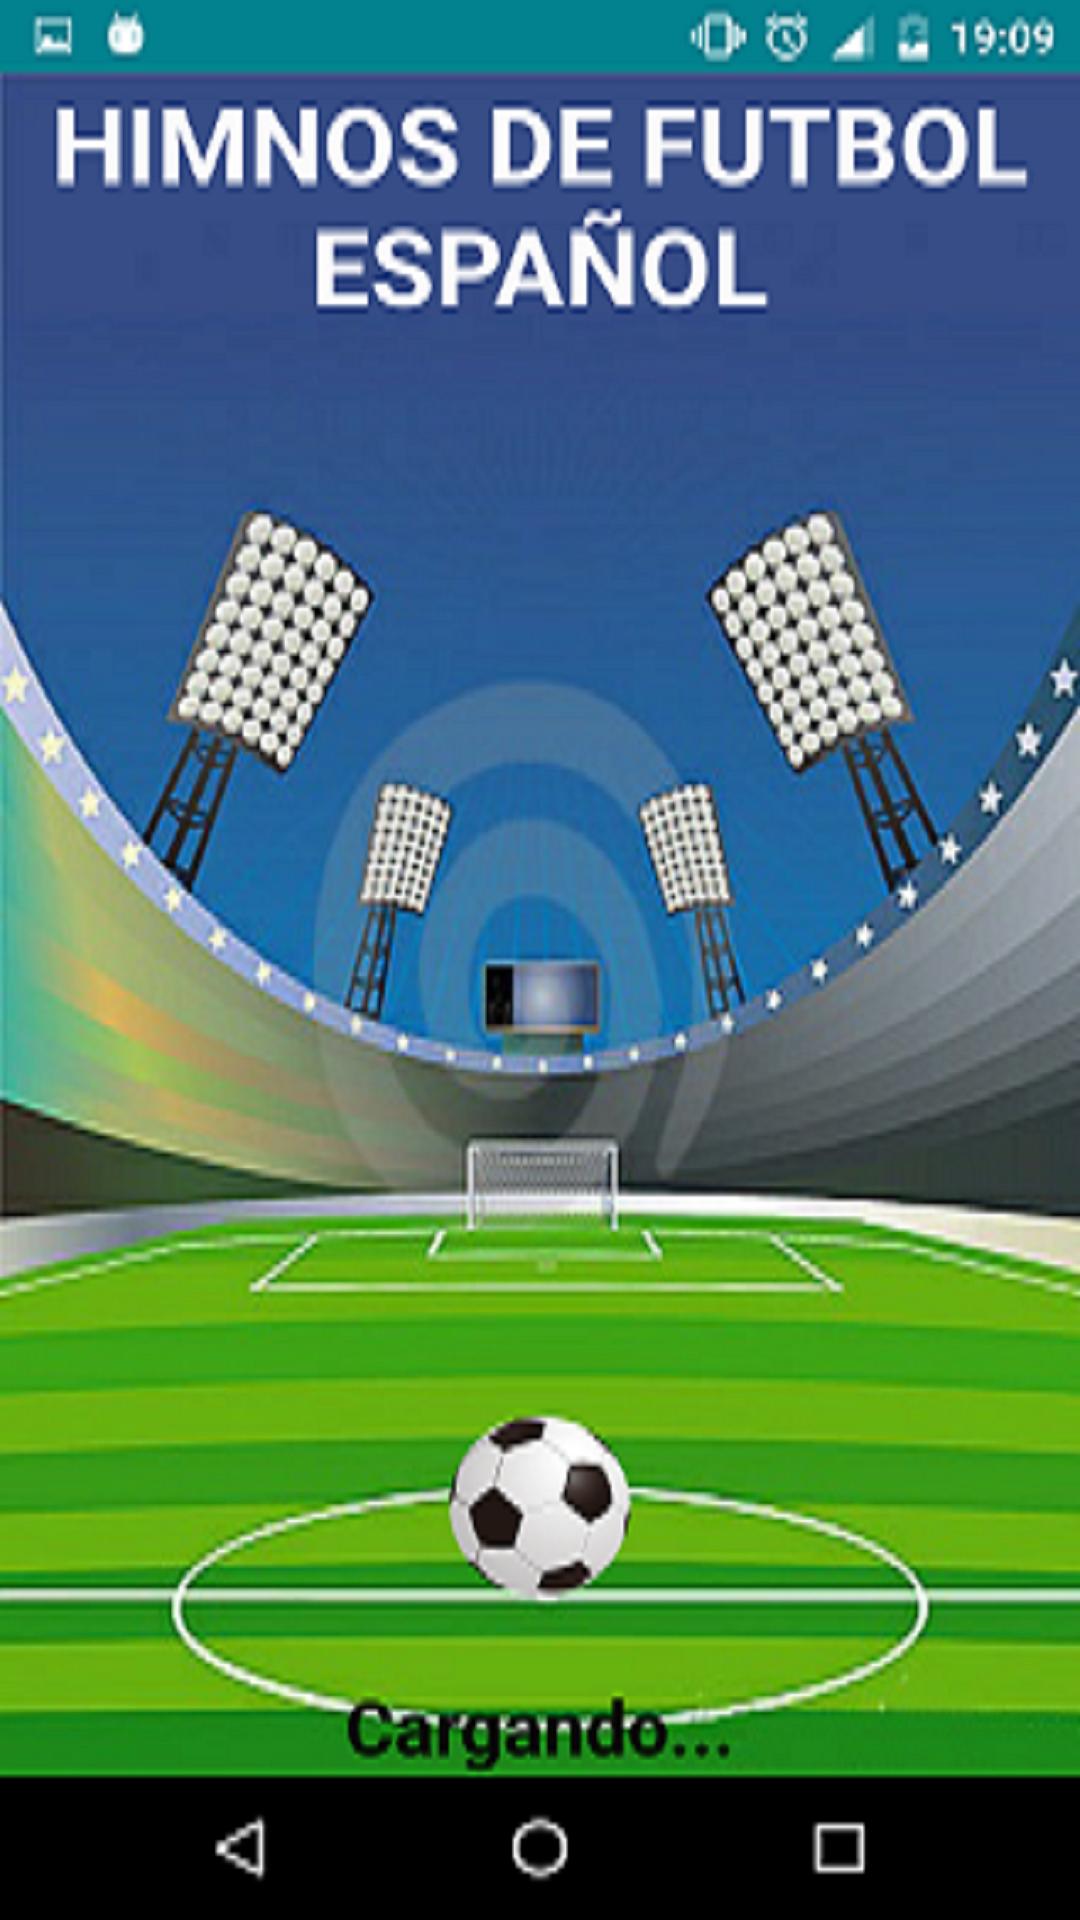 Himnos de Fútbol España: Amazon.es: Amazon.es